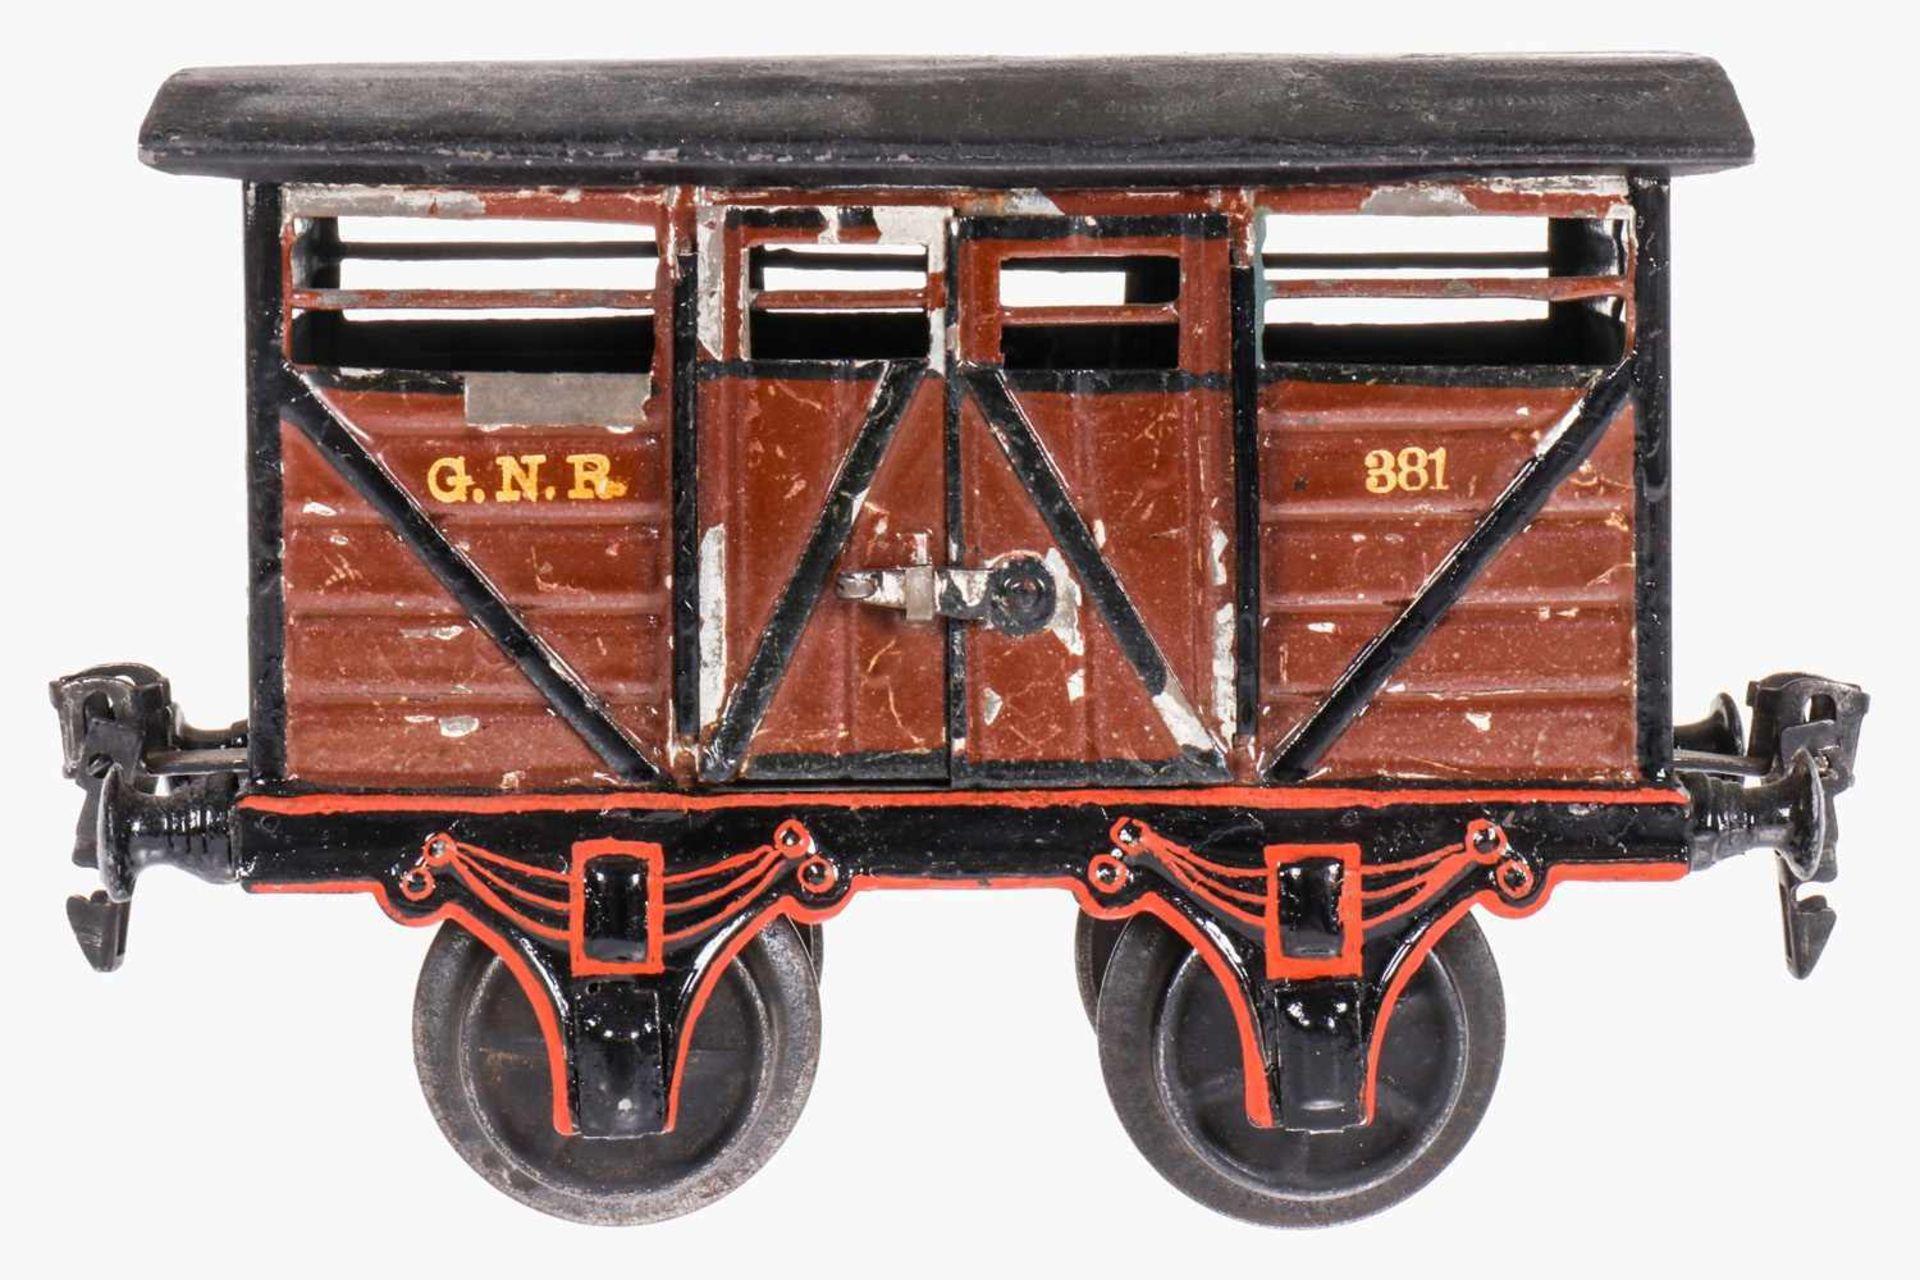 Märklin engl. Viehwagen 2866 GNR, S 1, uralt, HL, mit 2 DTH, Dach und Rahmenbereich nachlackiert, LS